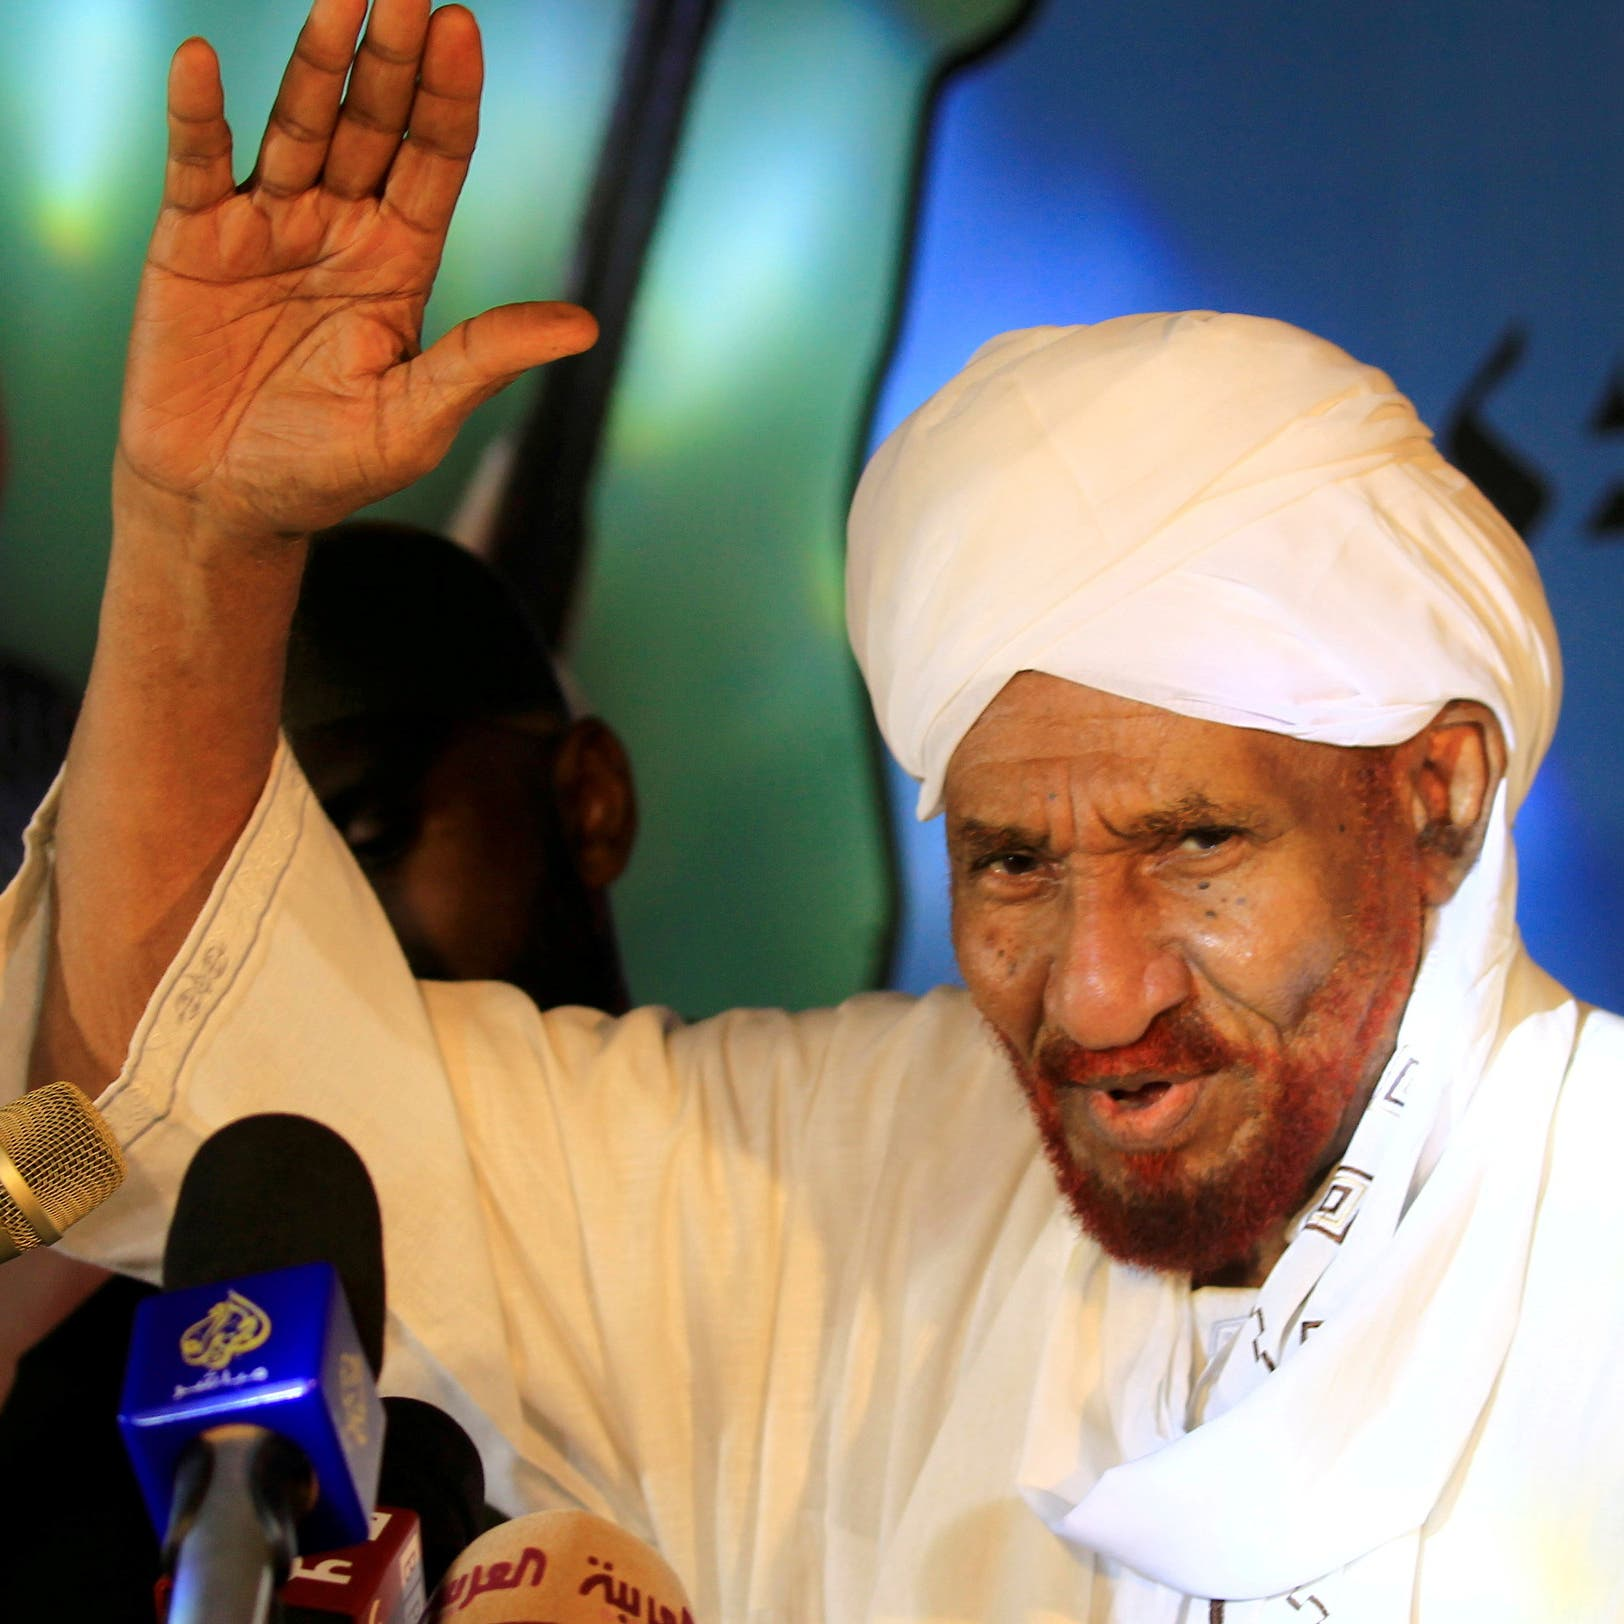 اسمه حفر عميقا.. معلومات عن آخر رئيس وزراء سوداني منتخب